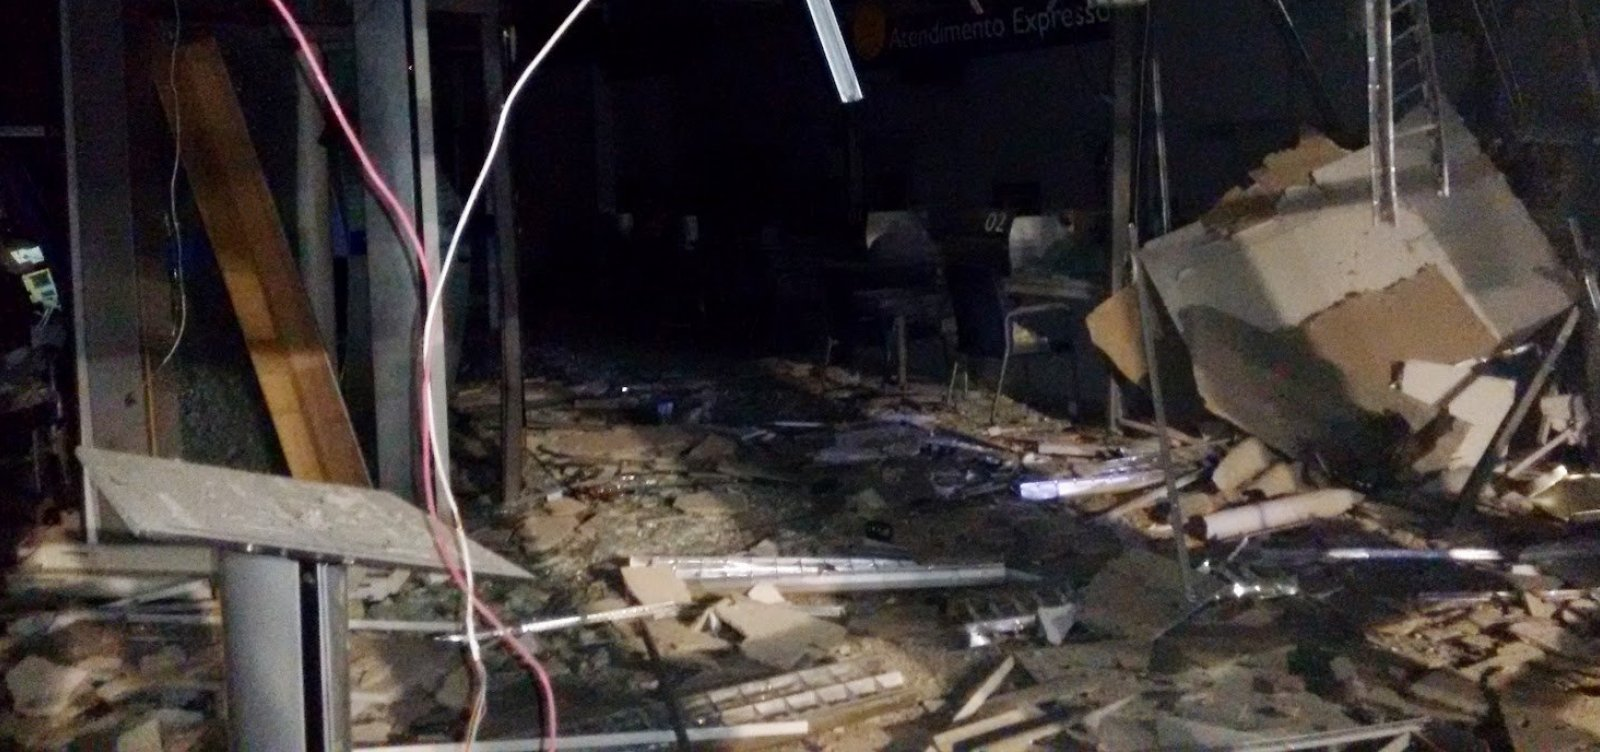 'Ser bancário no interior é um ato de bravura', diz funcionário após vivenciar ataques